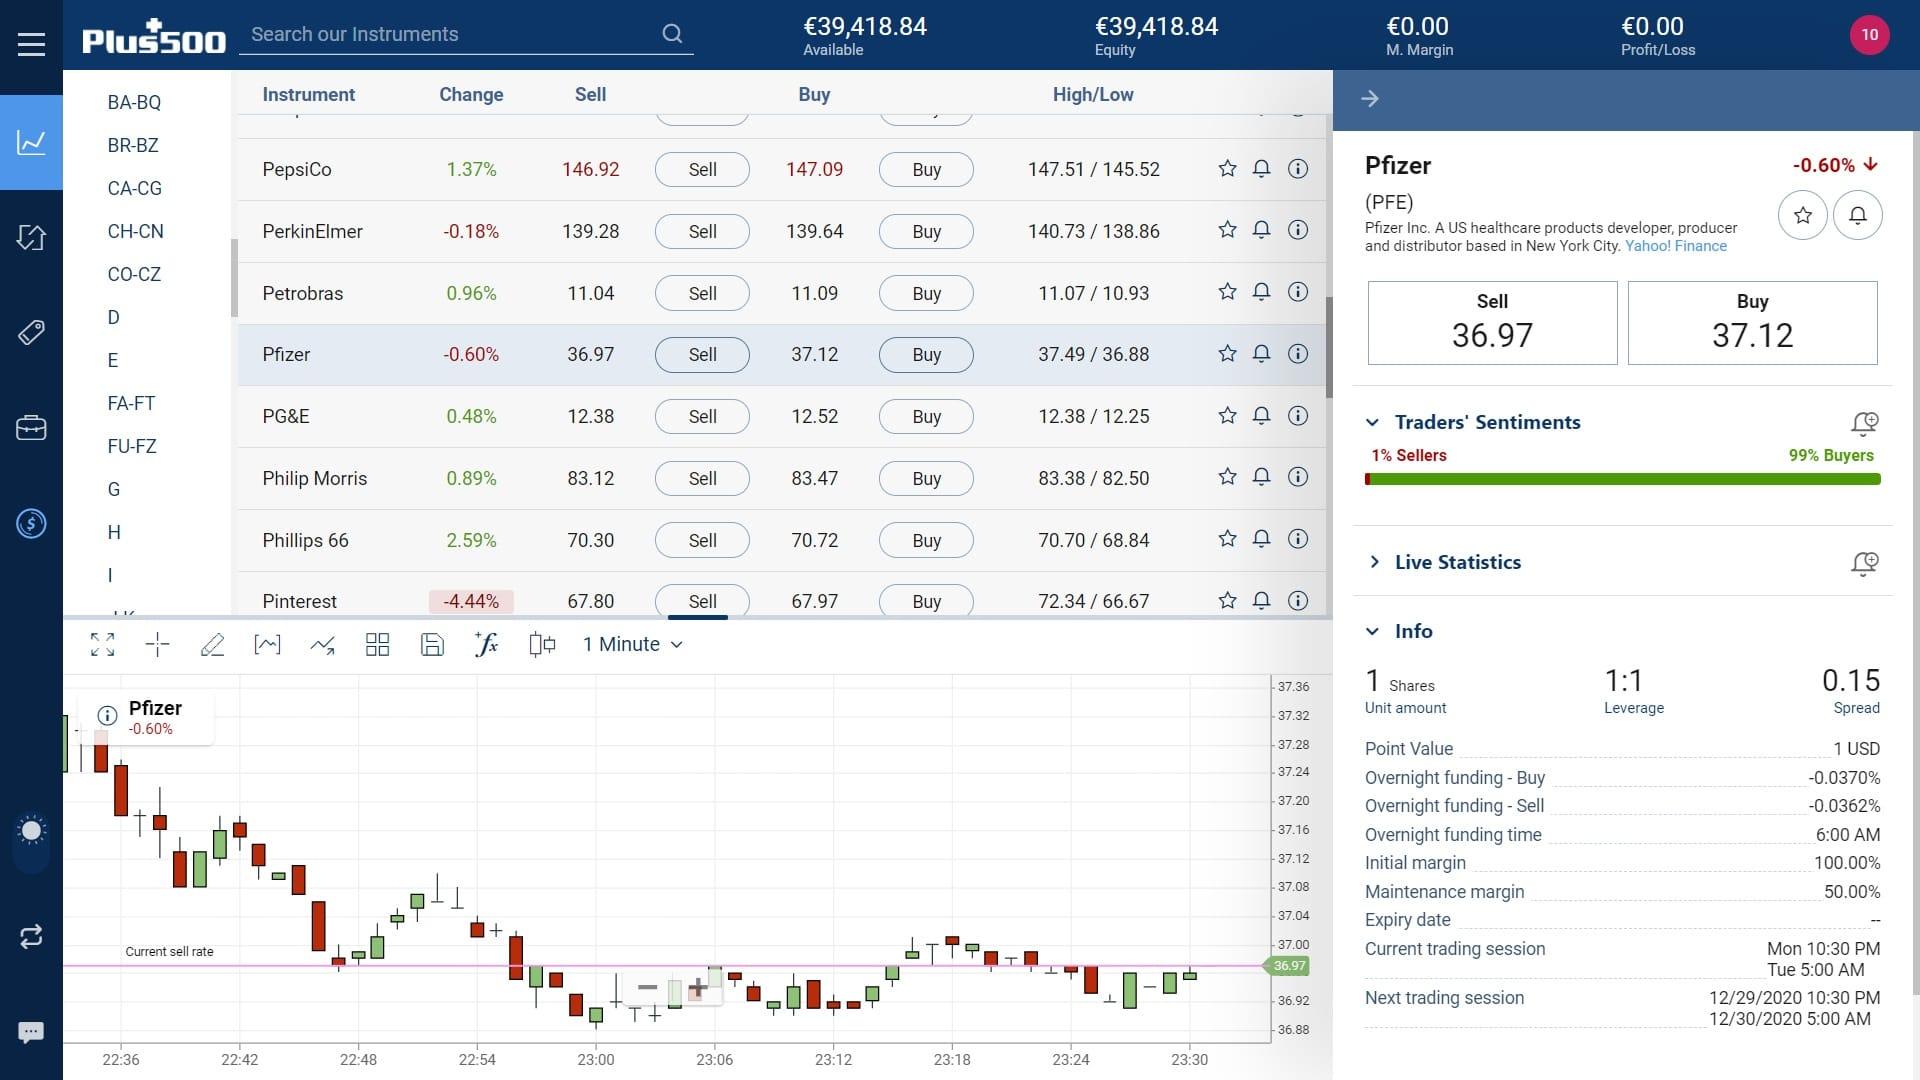 Pfizer stock trading on Plus500's WebTrader platform